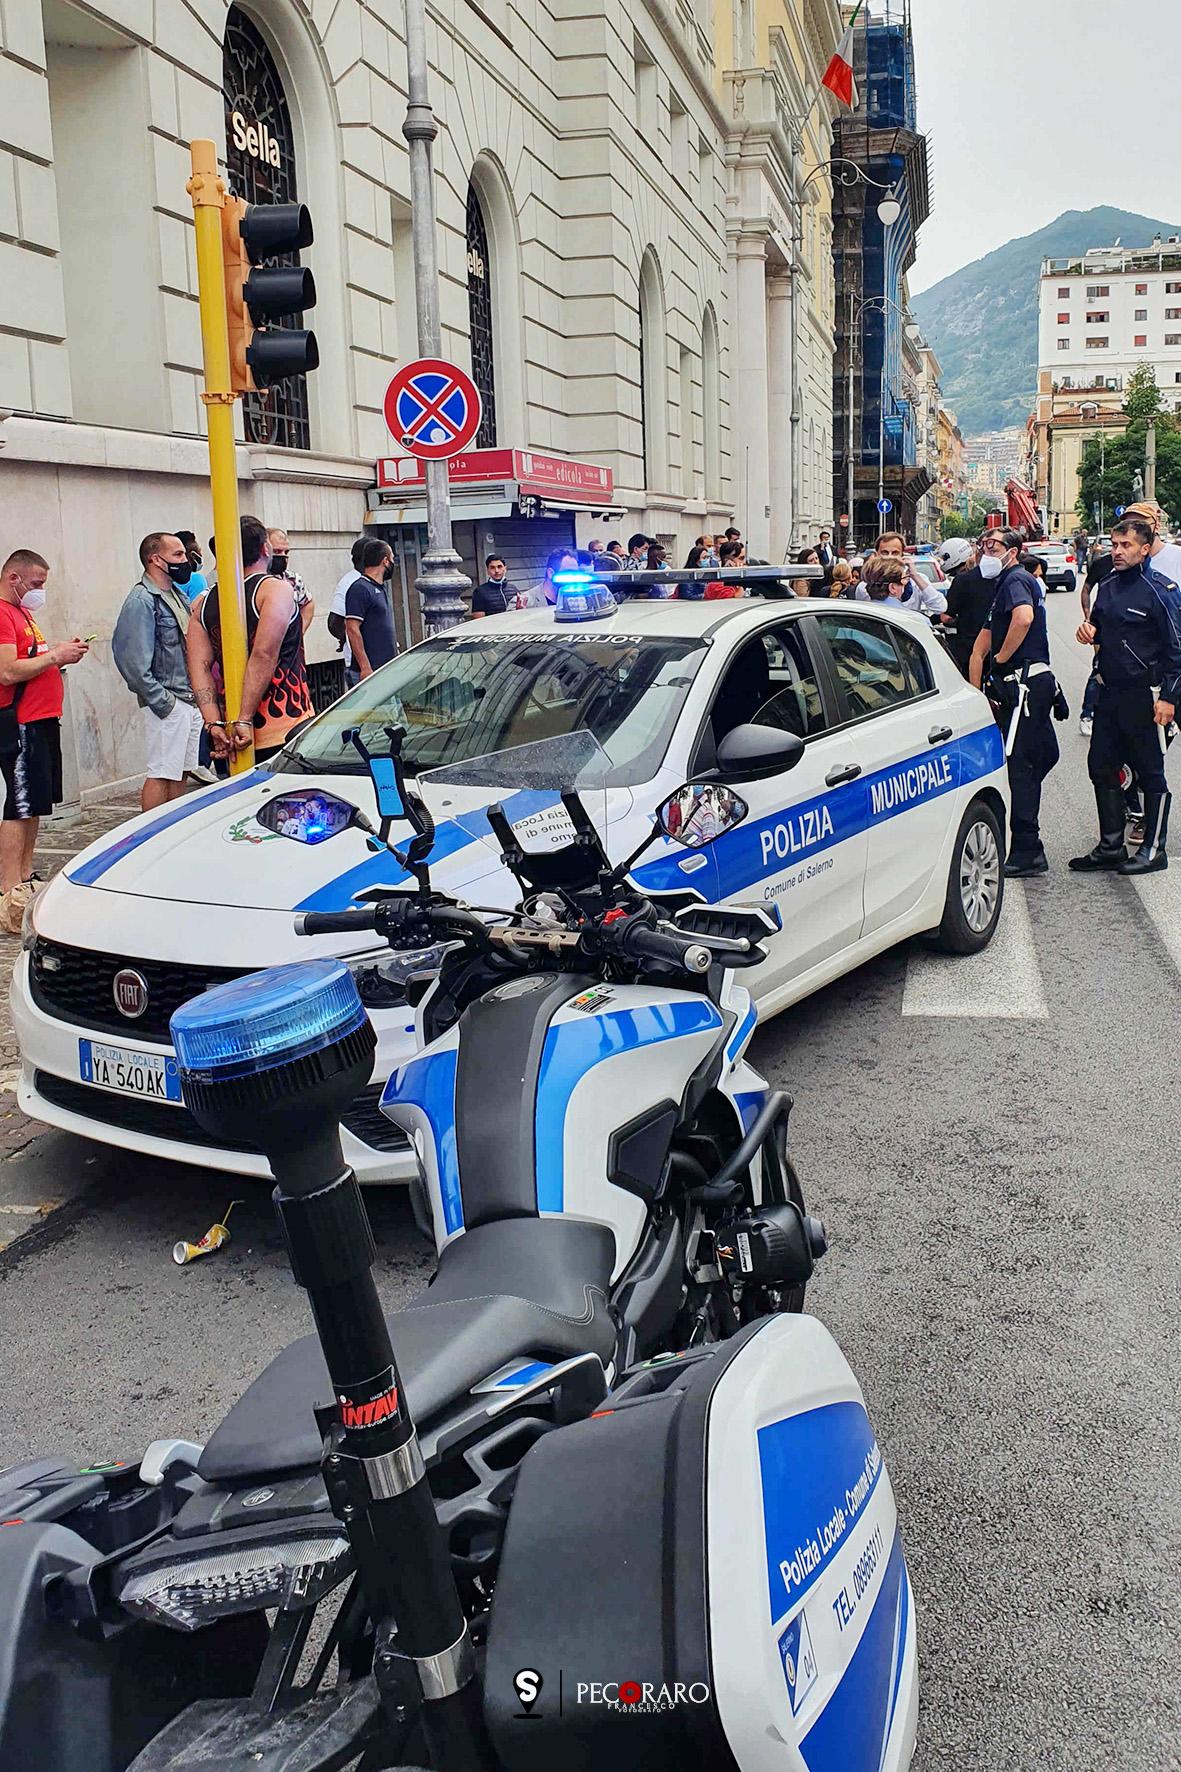 sal - 11 06 2021 Salerno, aggredisce e picchia la fidanzata ammanettato in via roma vicino ad un palodel semaforo